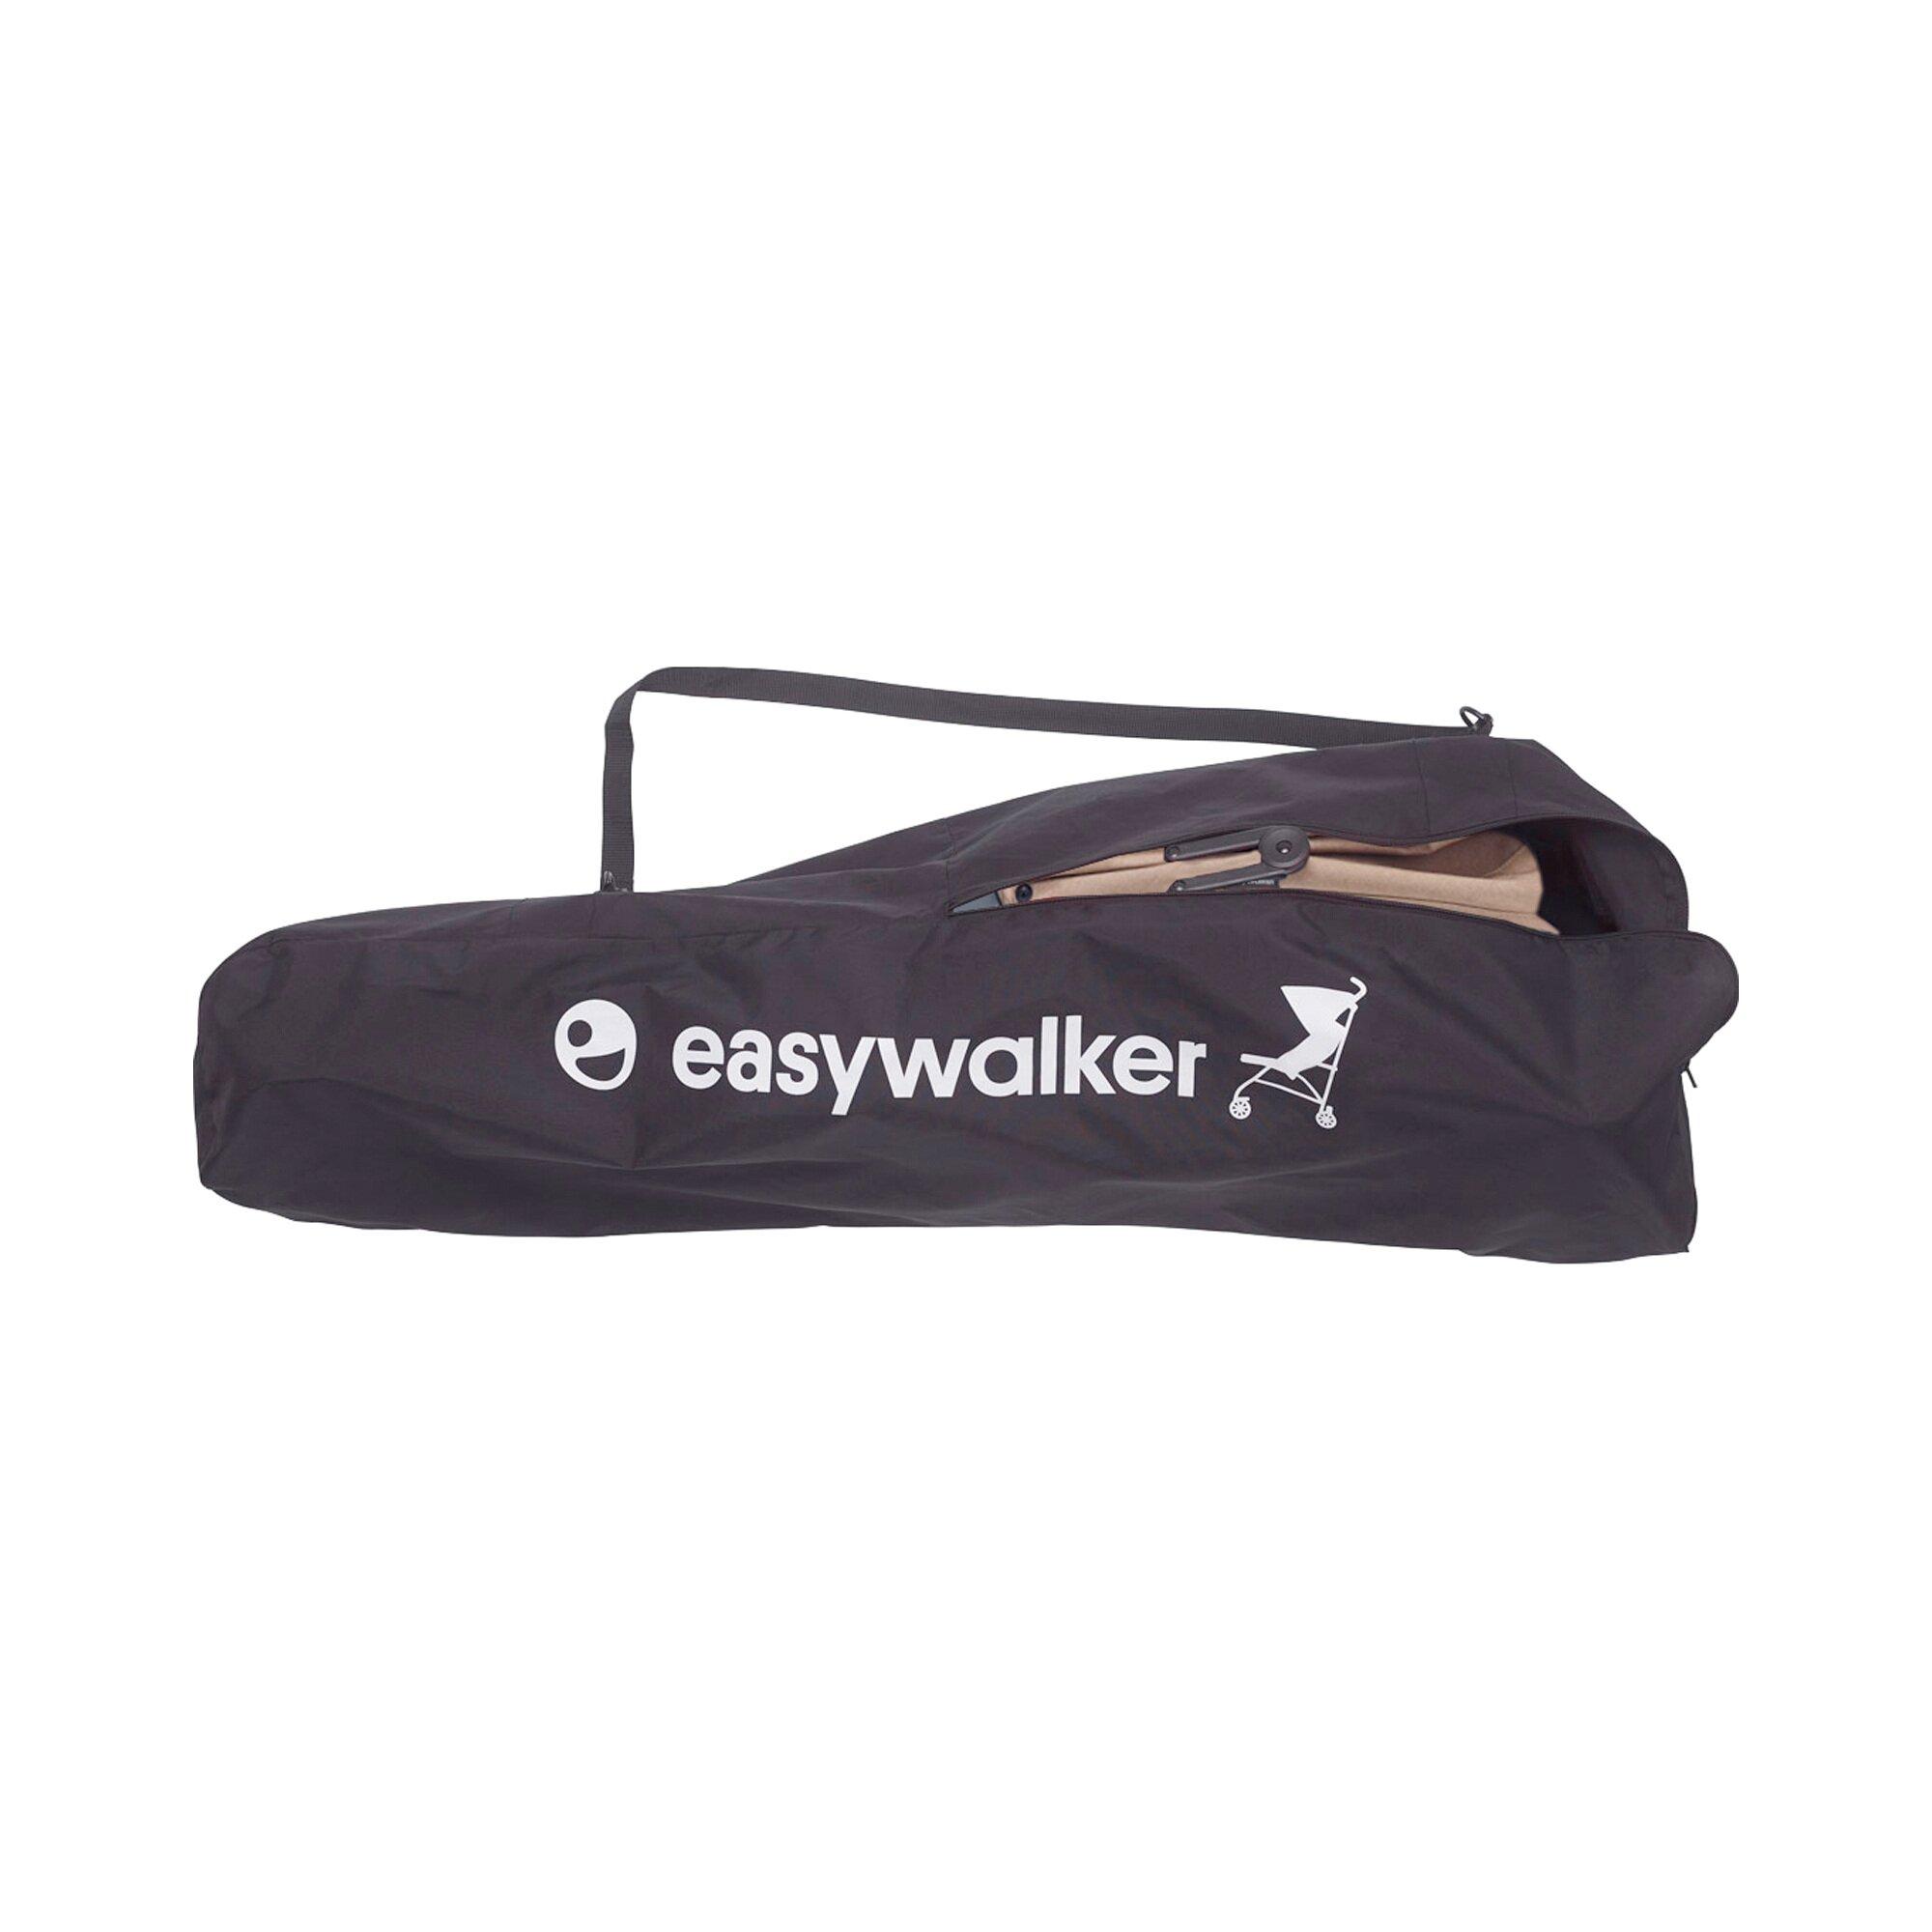 easywalker-transporttasche-schwarz